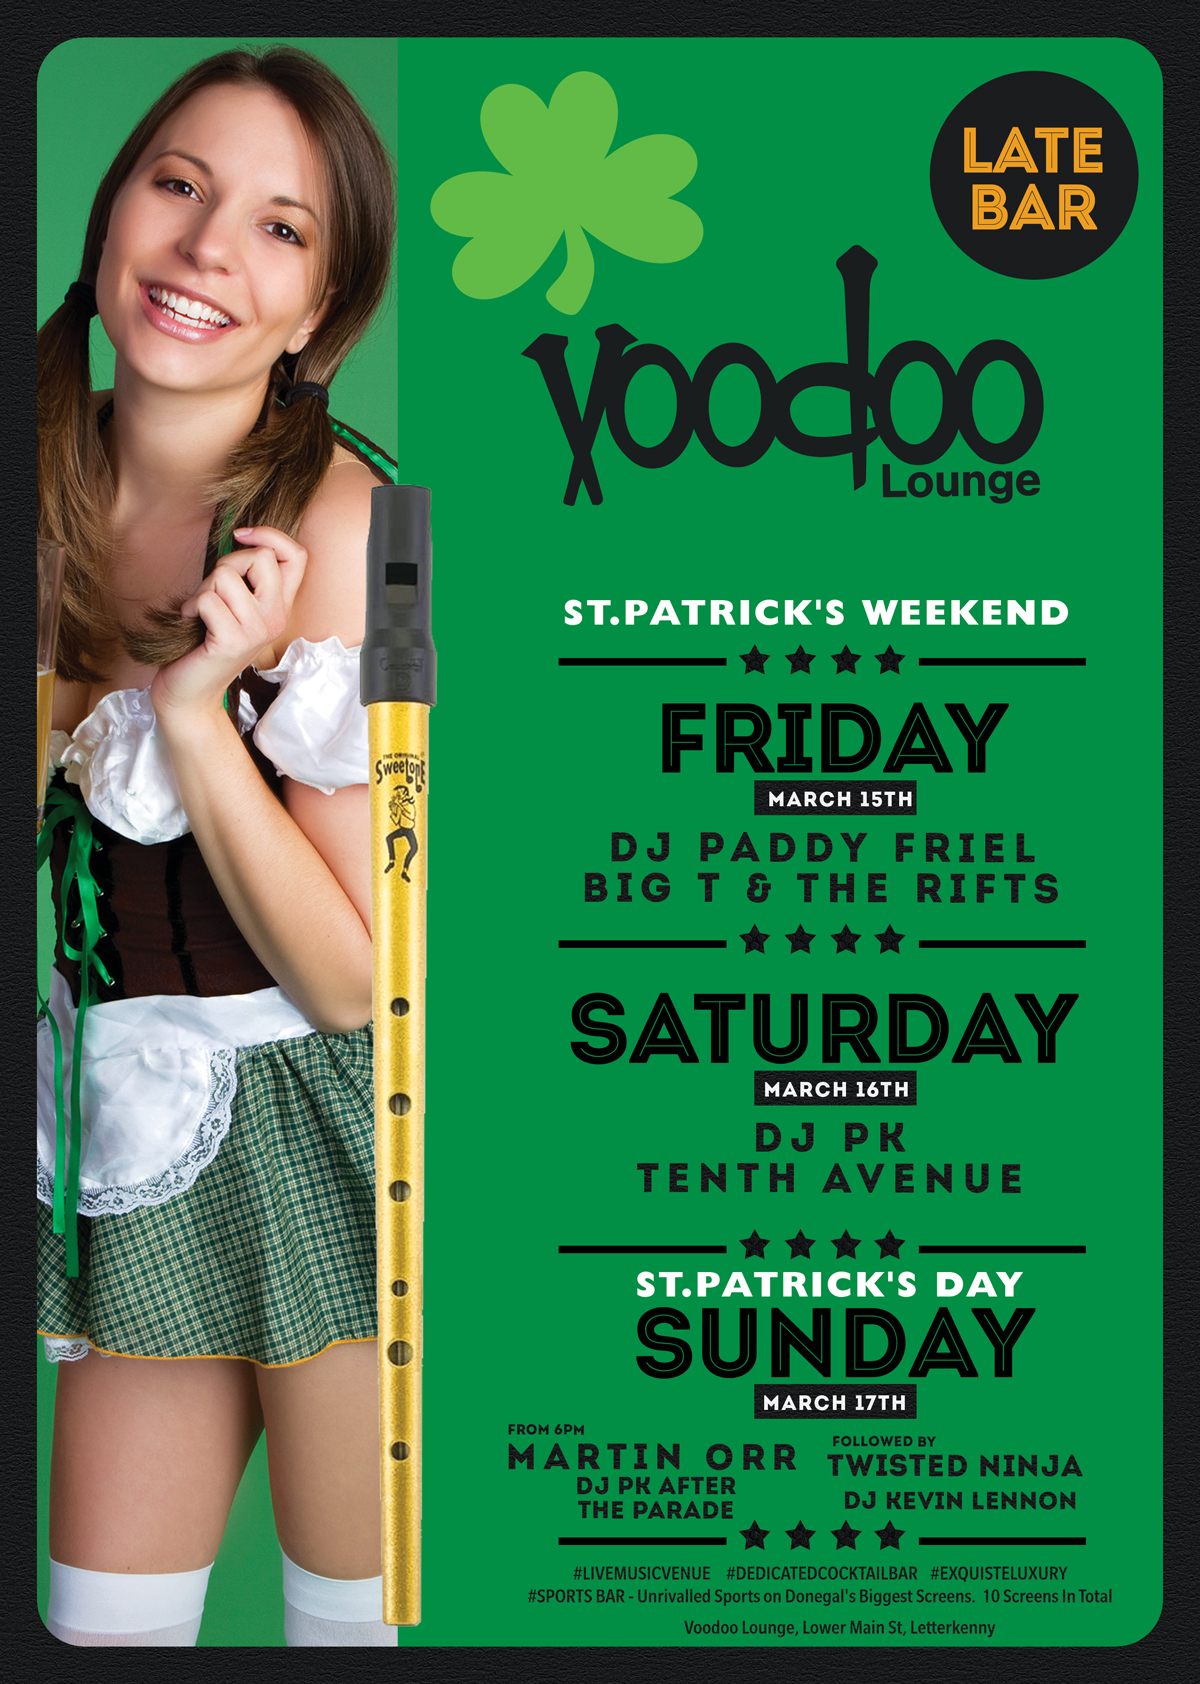 voodoo-lounge-opening-weekend---weekend-line-up-march-15---17-2019.jpg